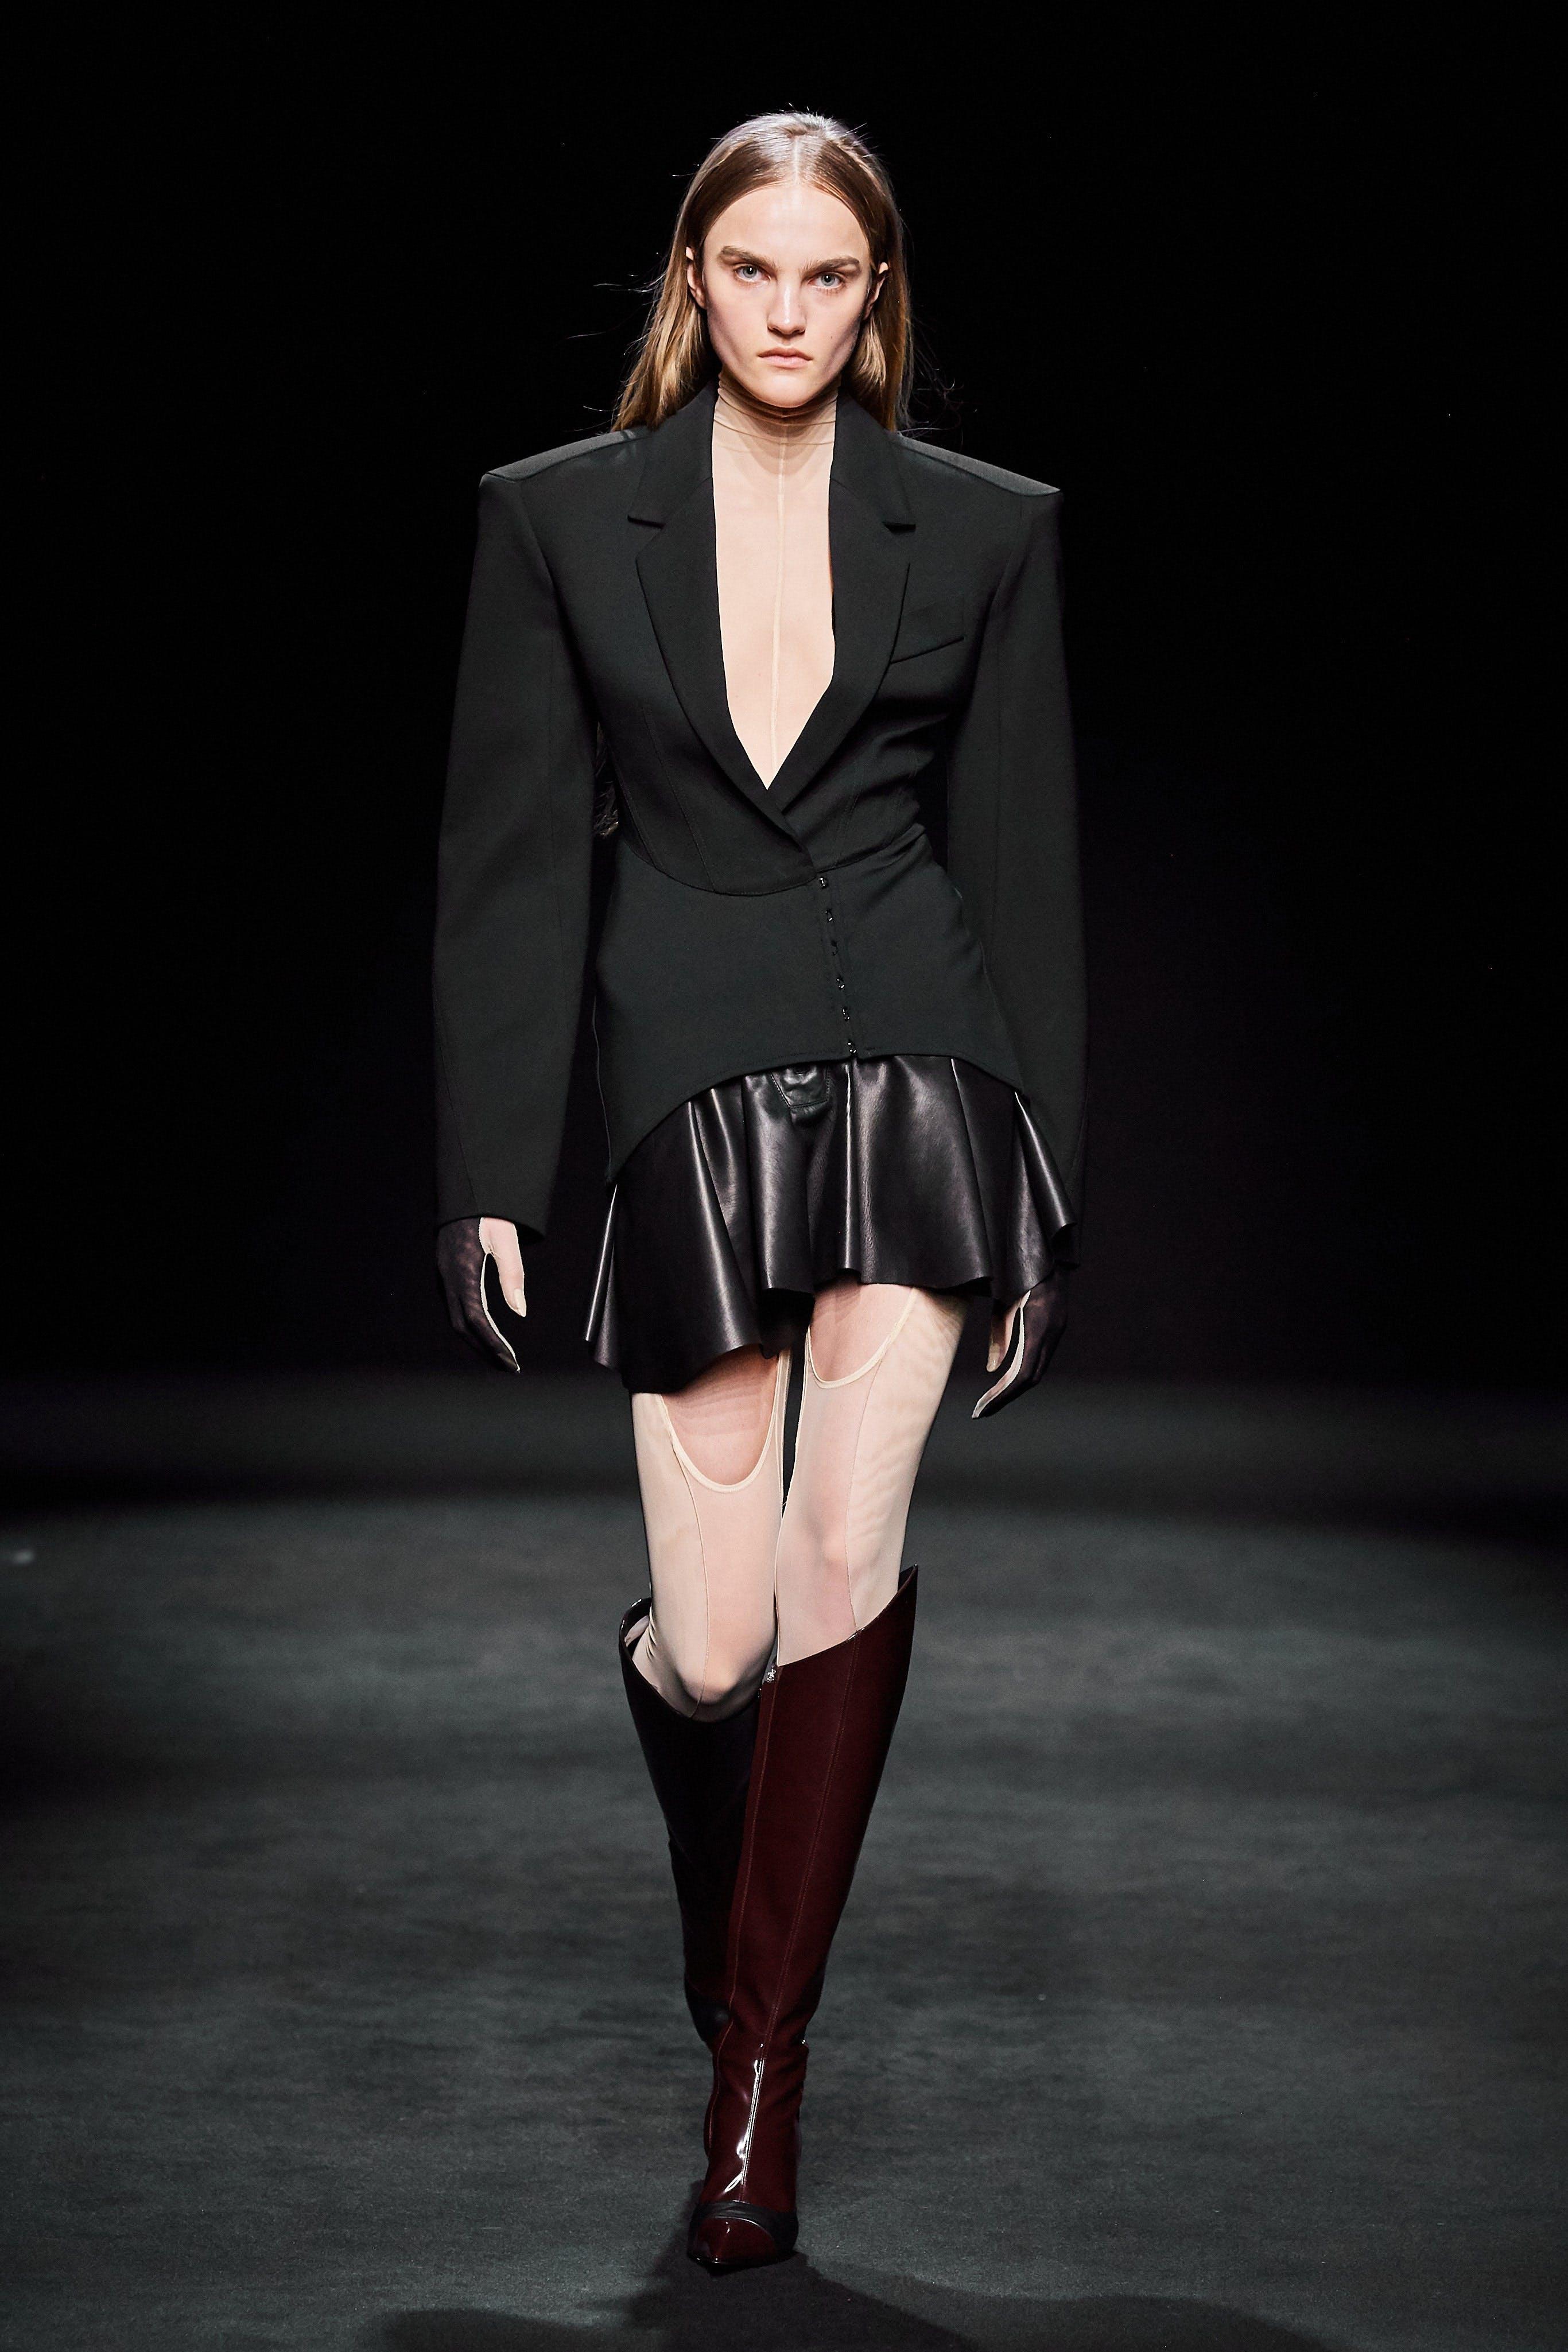 Mugler Runway Corset Jacket in Black Full Panel Bodysuit Leather Ruffle Skirt Fall 20